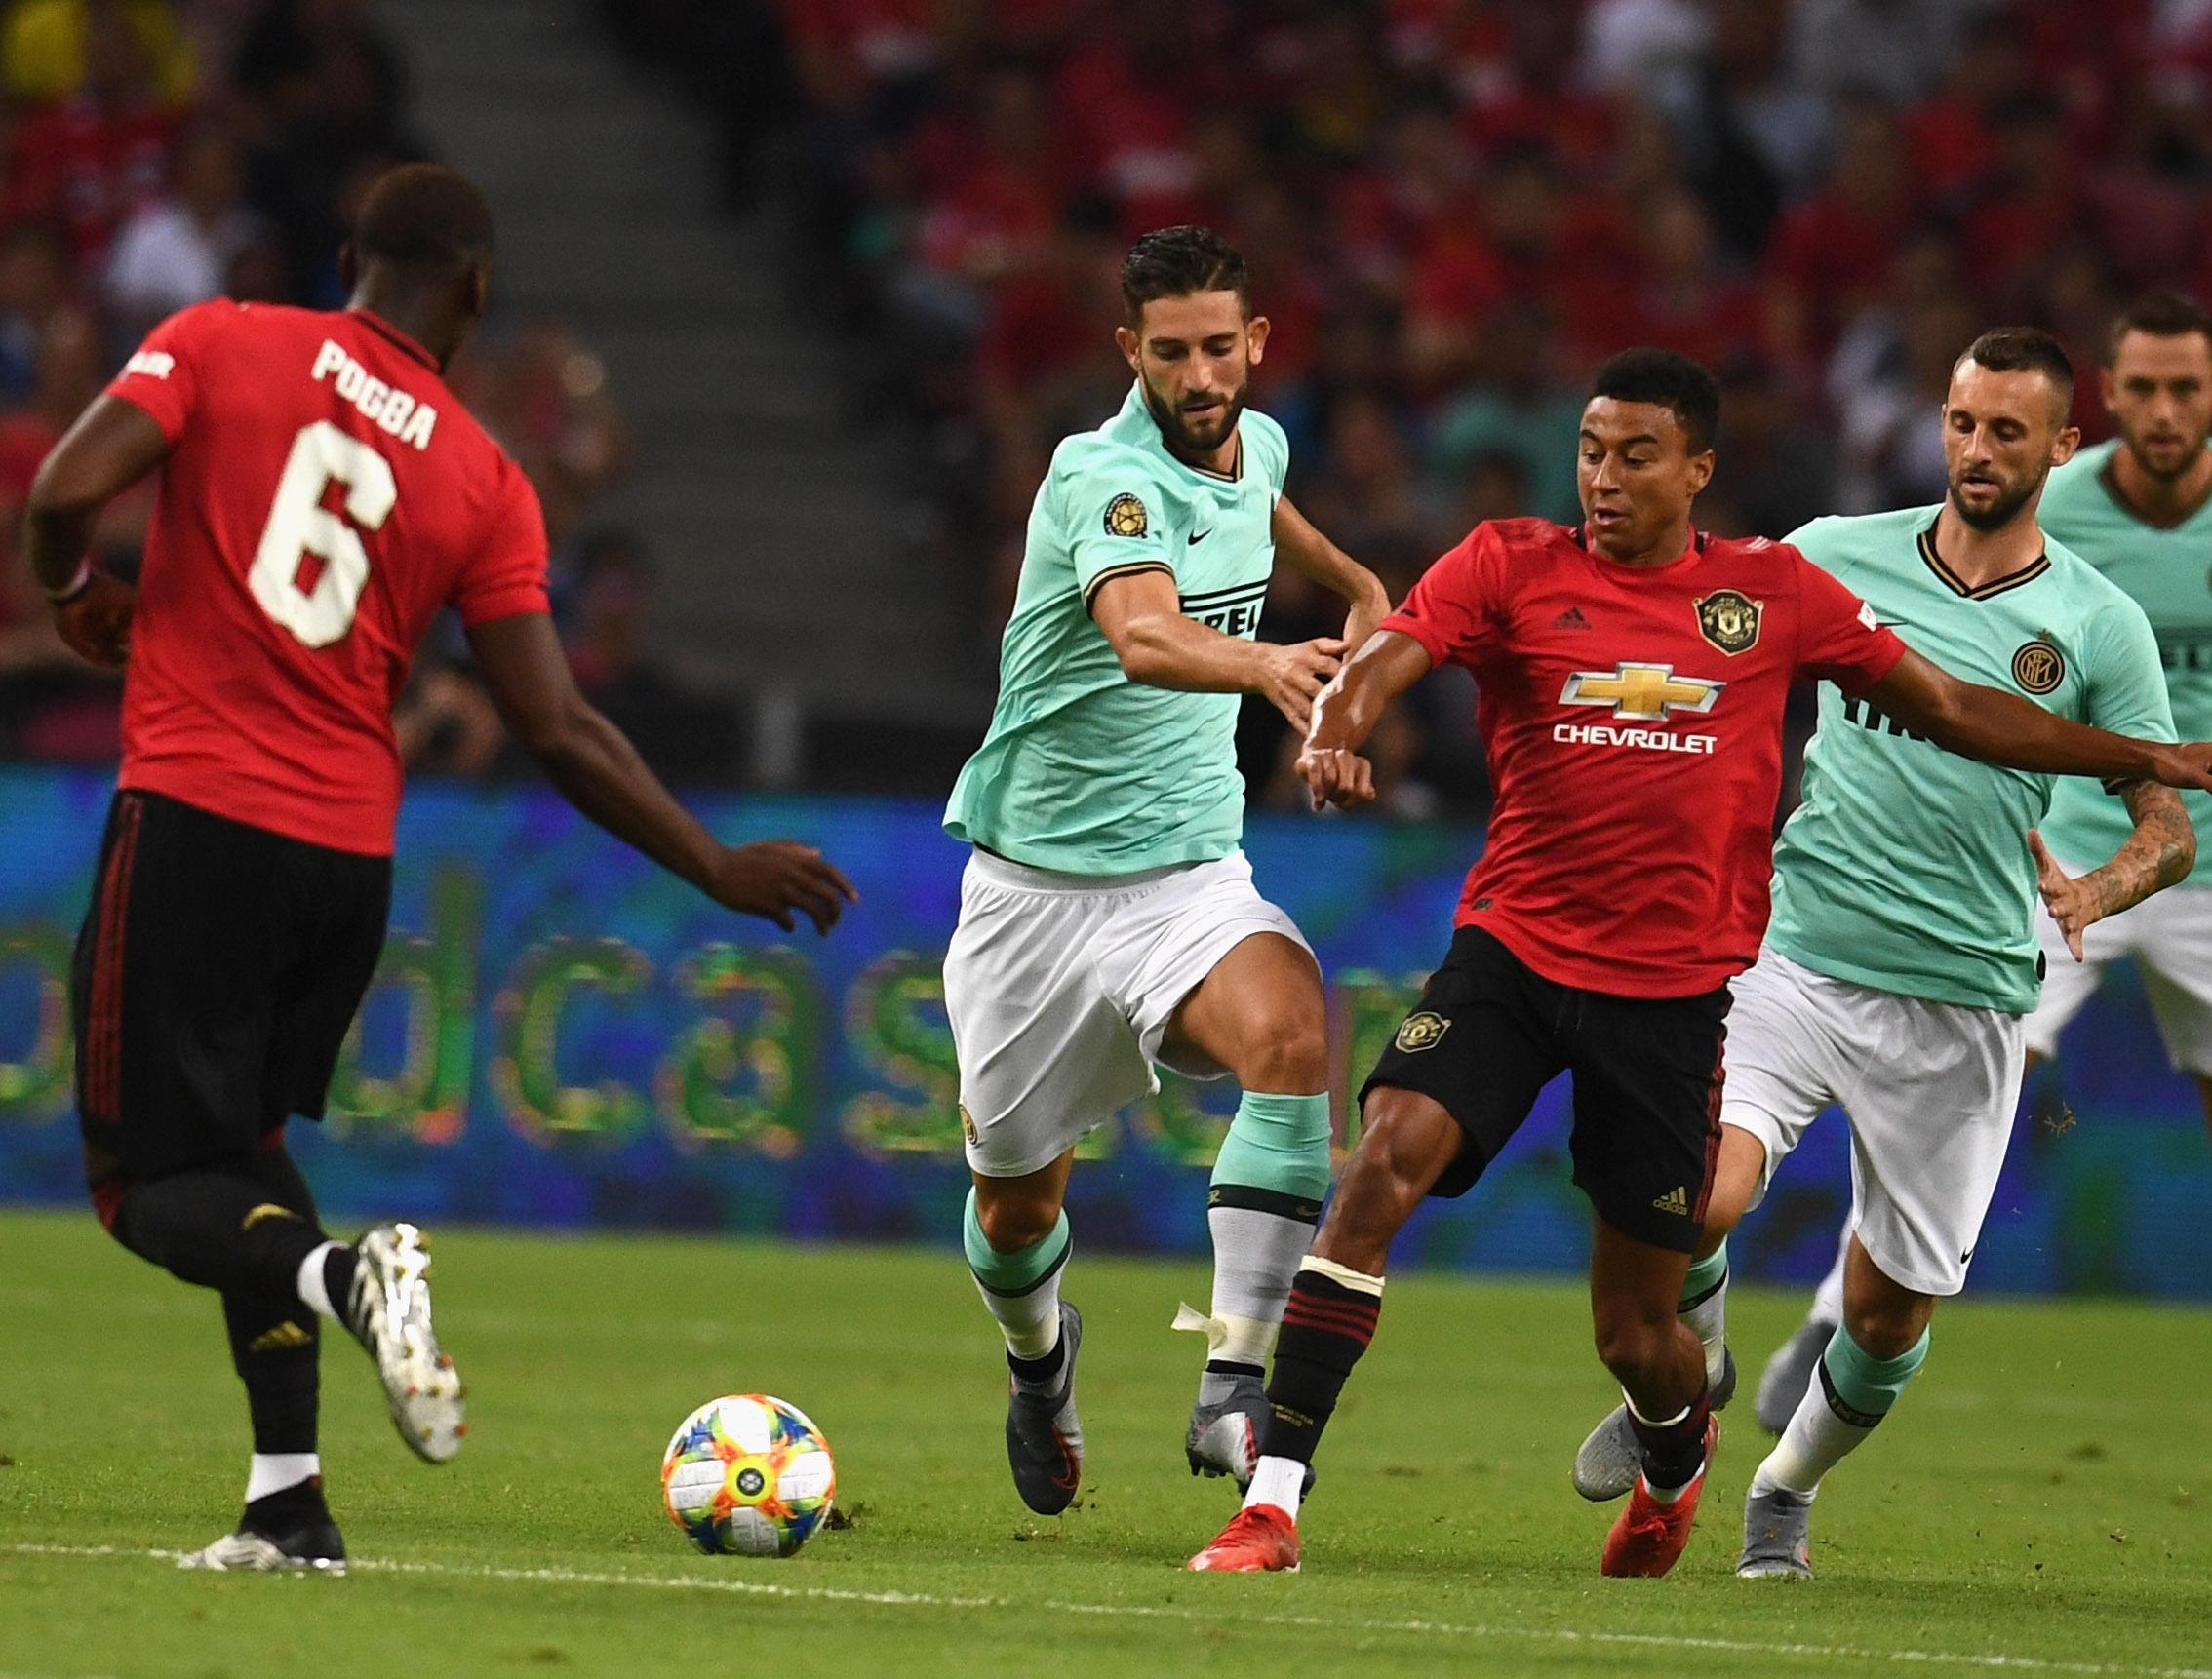 2019国际冠军杯,曼彻斯特联VS国际米兰的比赛现场图集